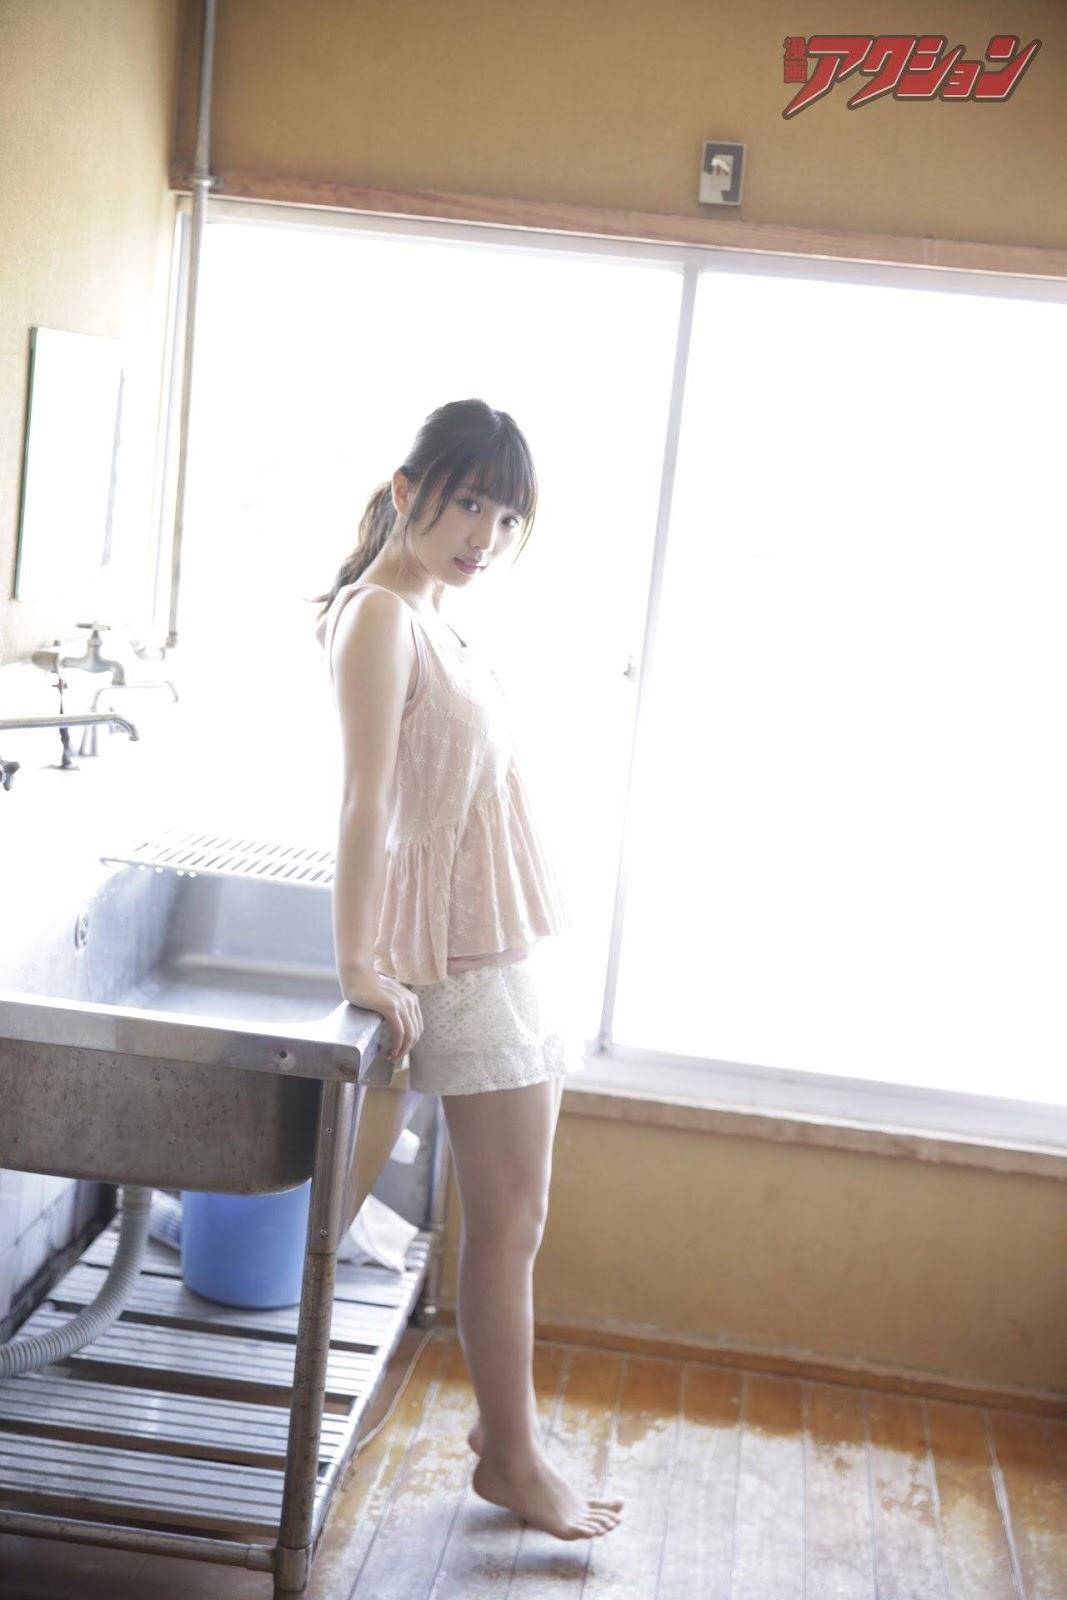 乃木坂46与田祐希(17)写真集の初水着が抜けるエロ画像68枚・40枚目の画像